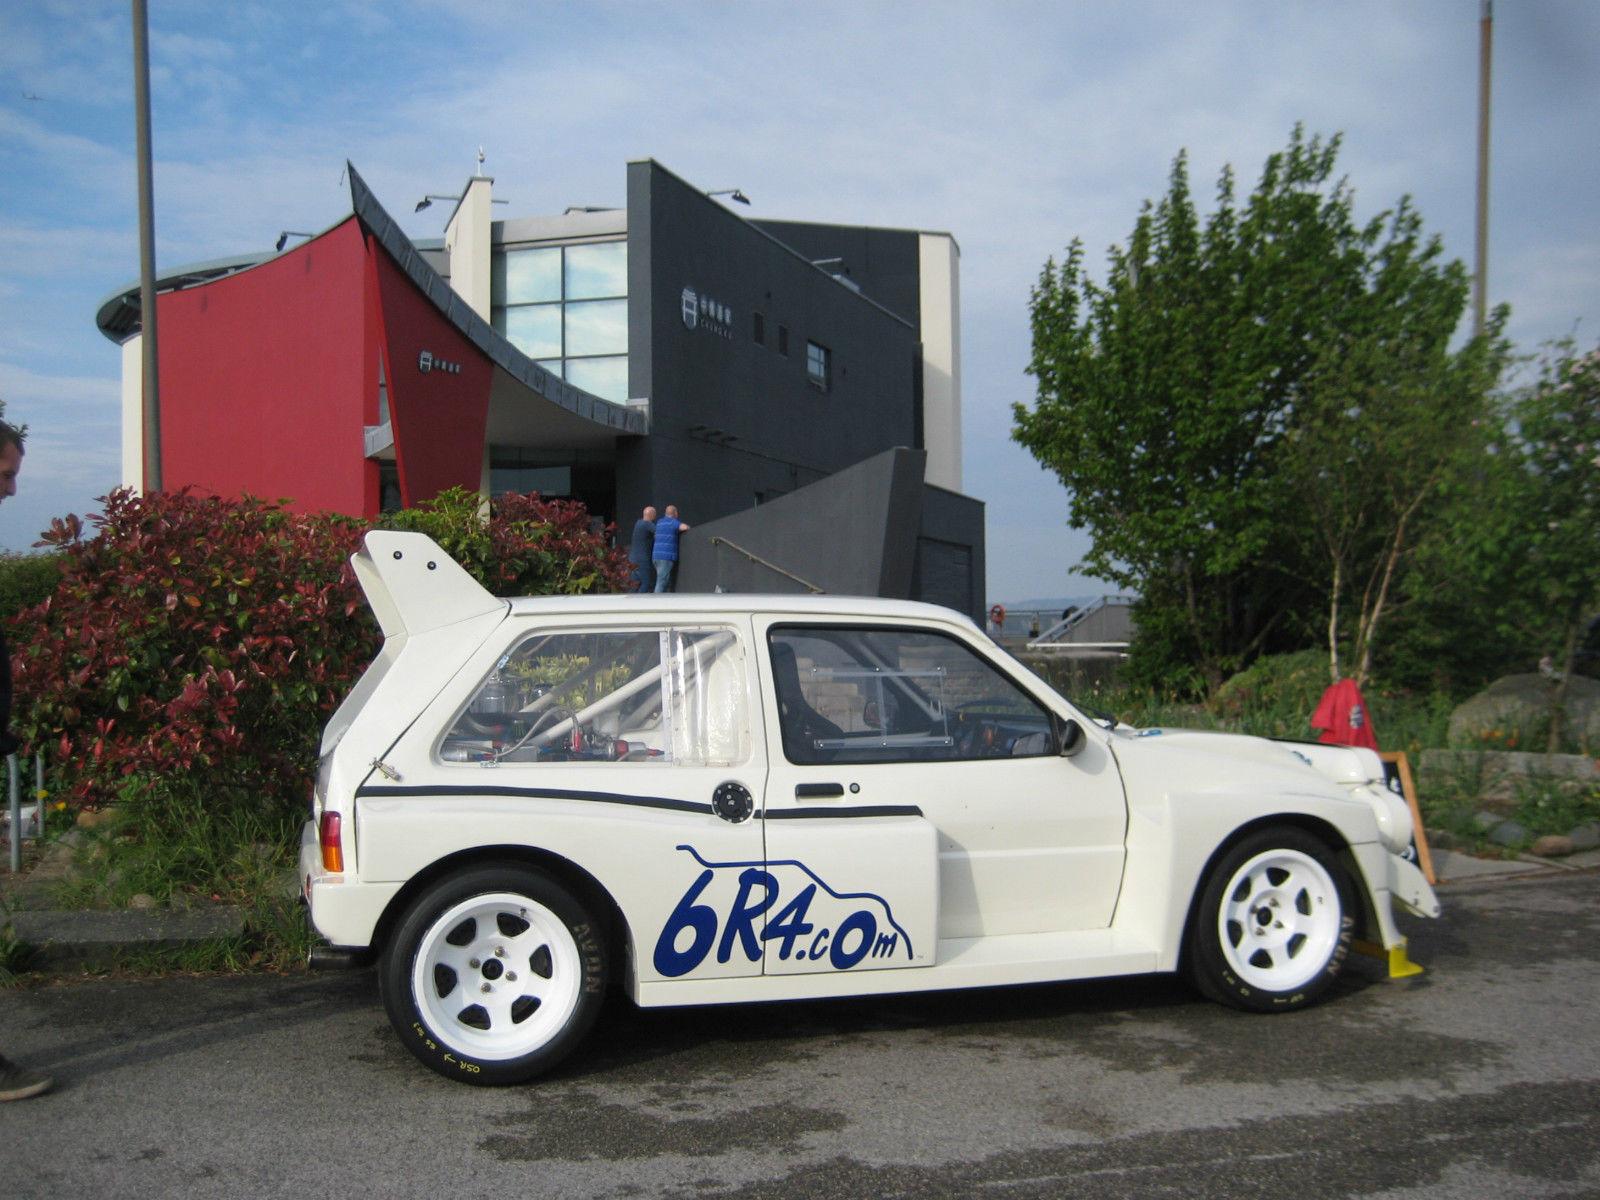 ¿Quieres el MG Metro 6R4 de Colin McRae? Prepara más de 400.000 euros... 1